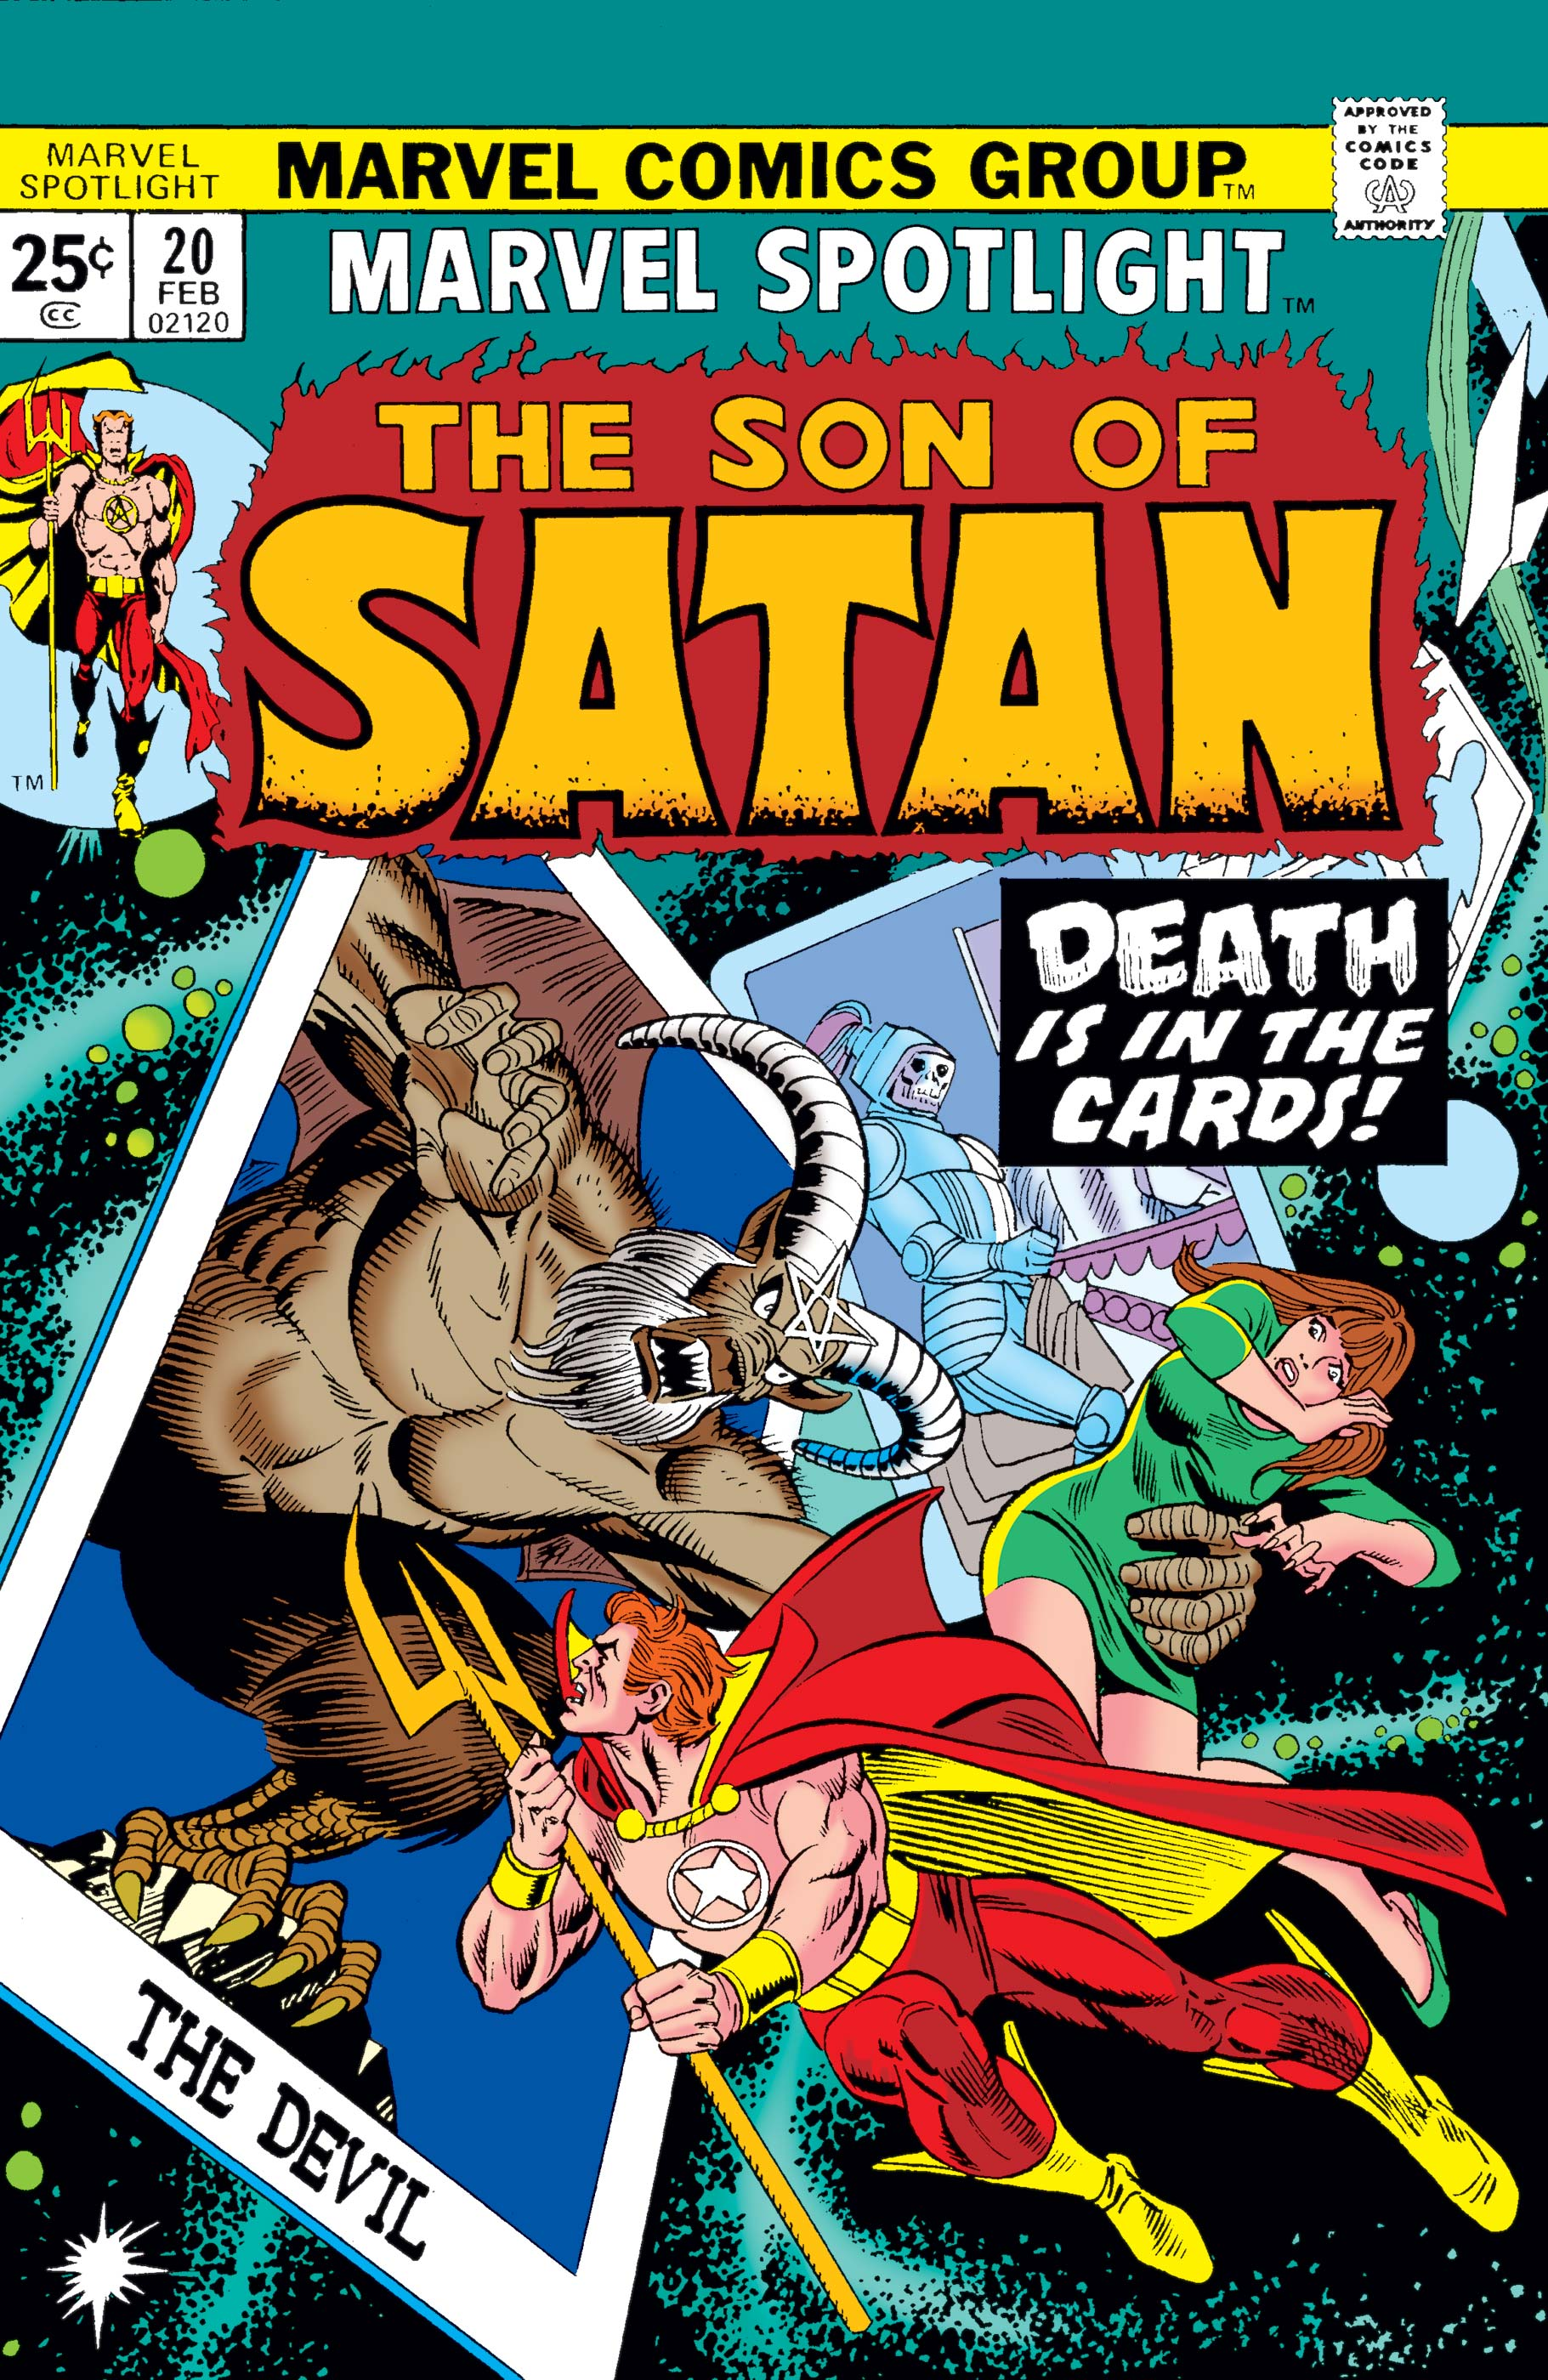 Marvel Spotlight (1971) #20